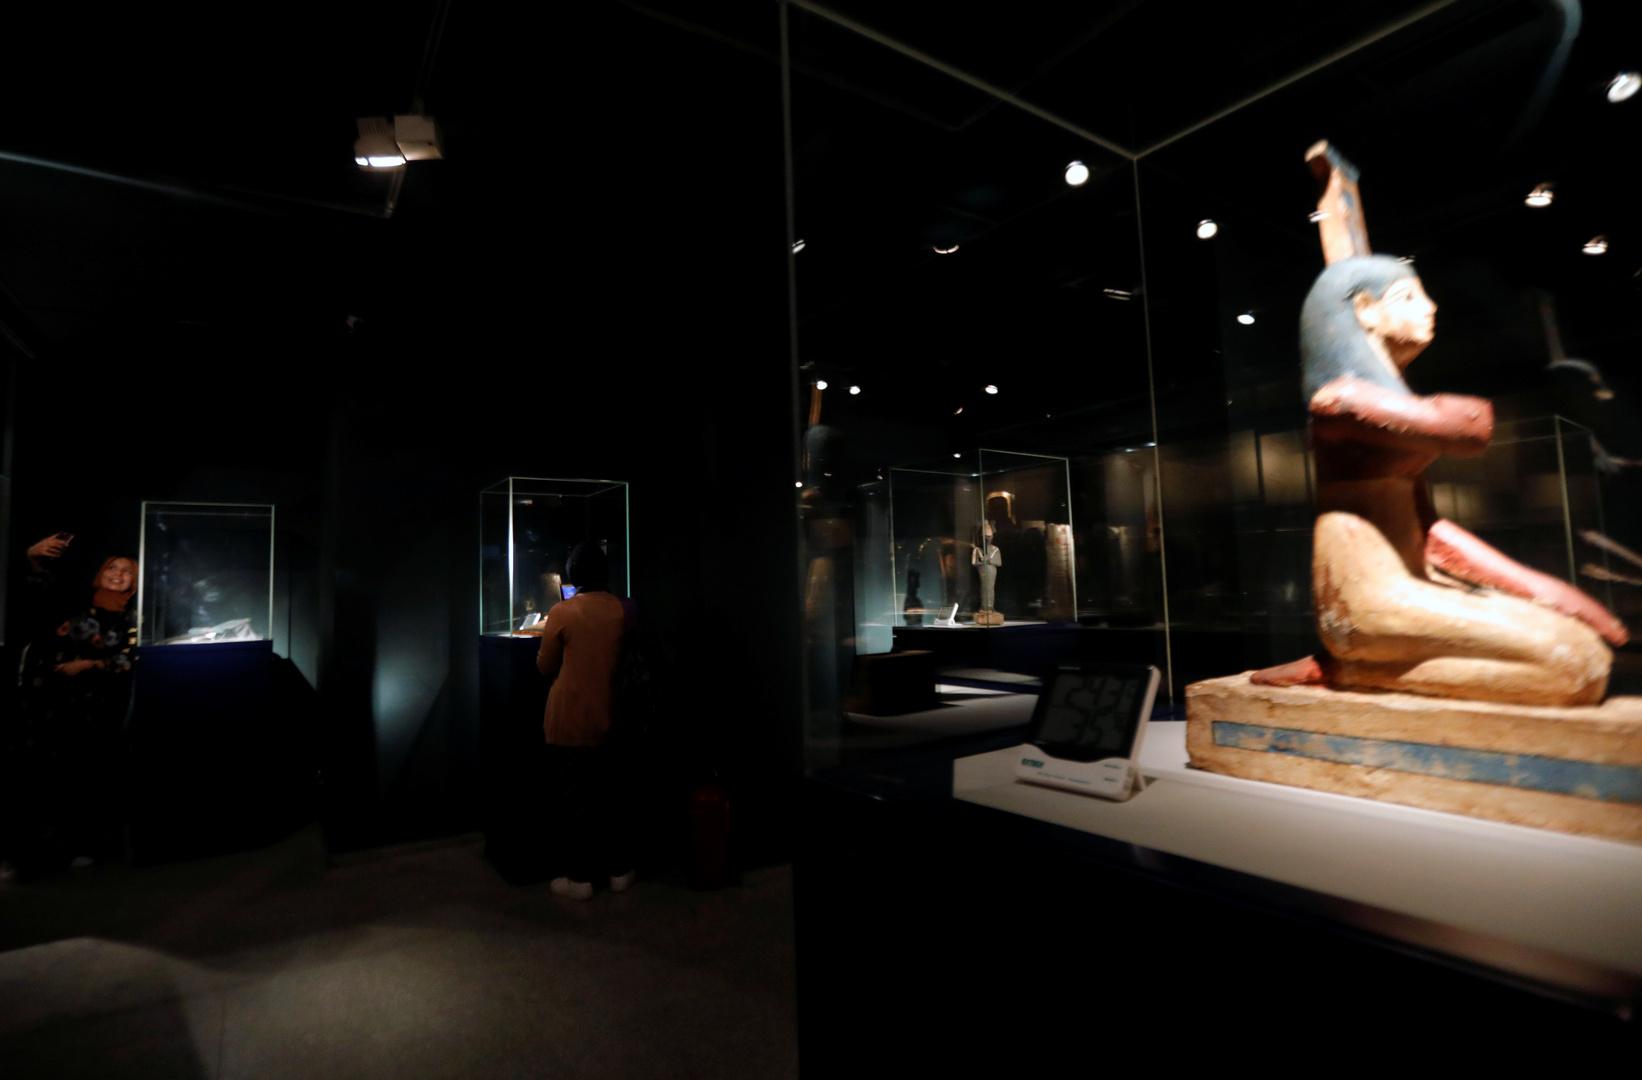 الكشف عن خطة القنصل الإيطالي في مصر لتهريب 22 ألف قطعة أثرية